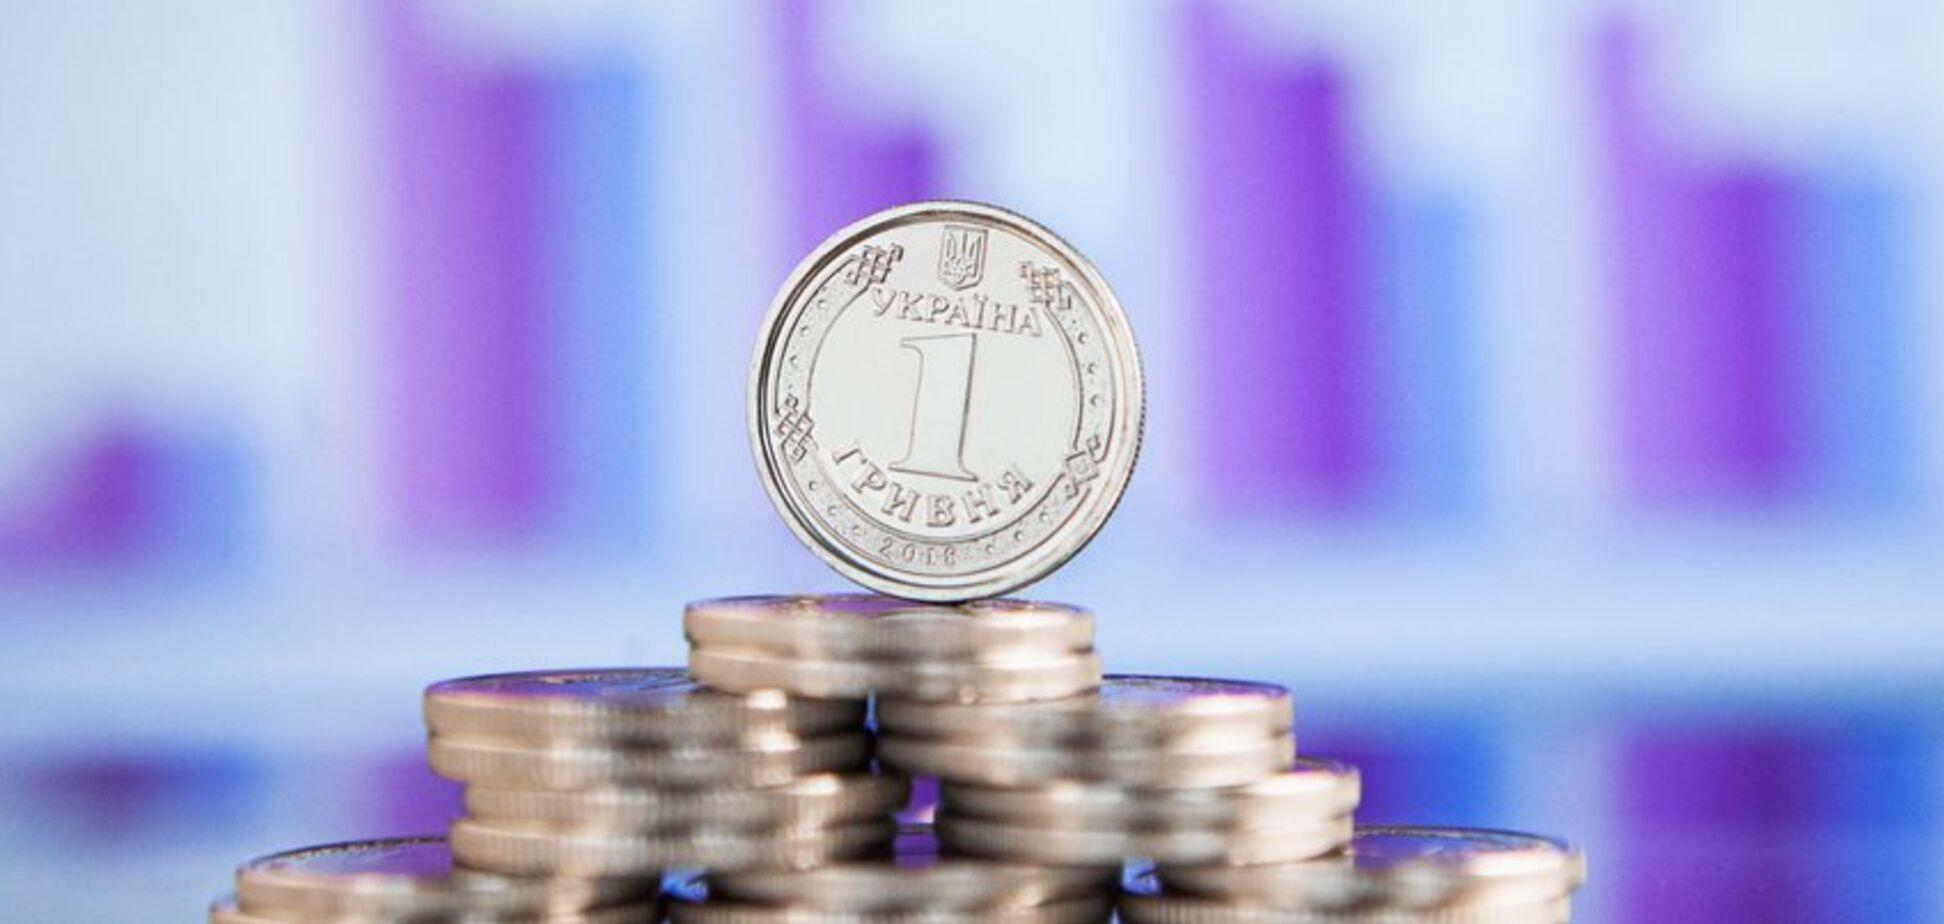 Рост цен в Украине: в НБУ озвучили оптимистичный прогноз